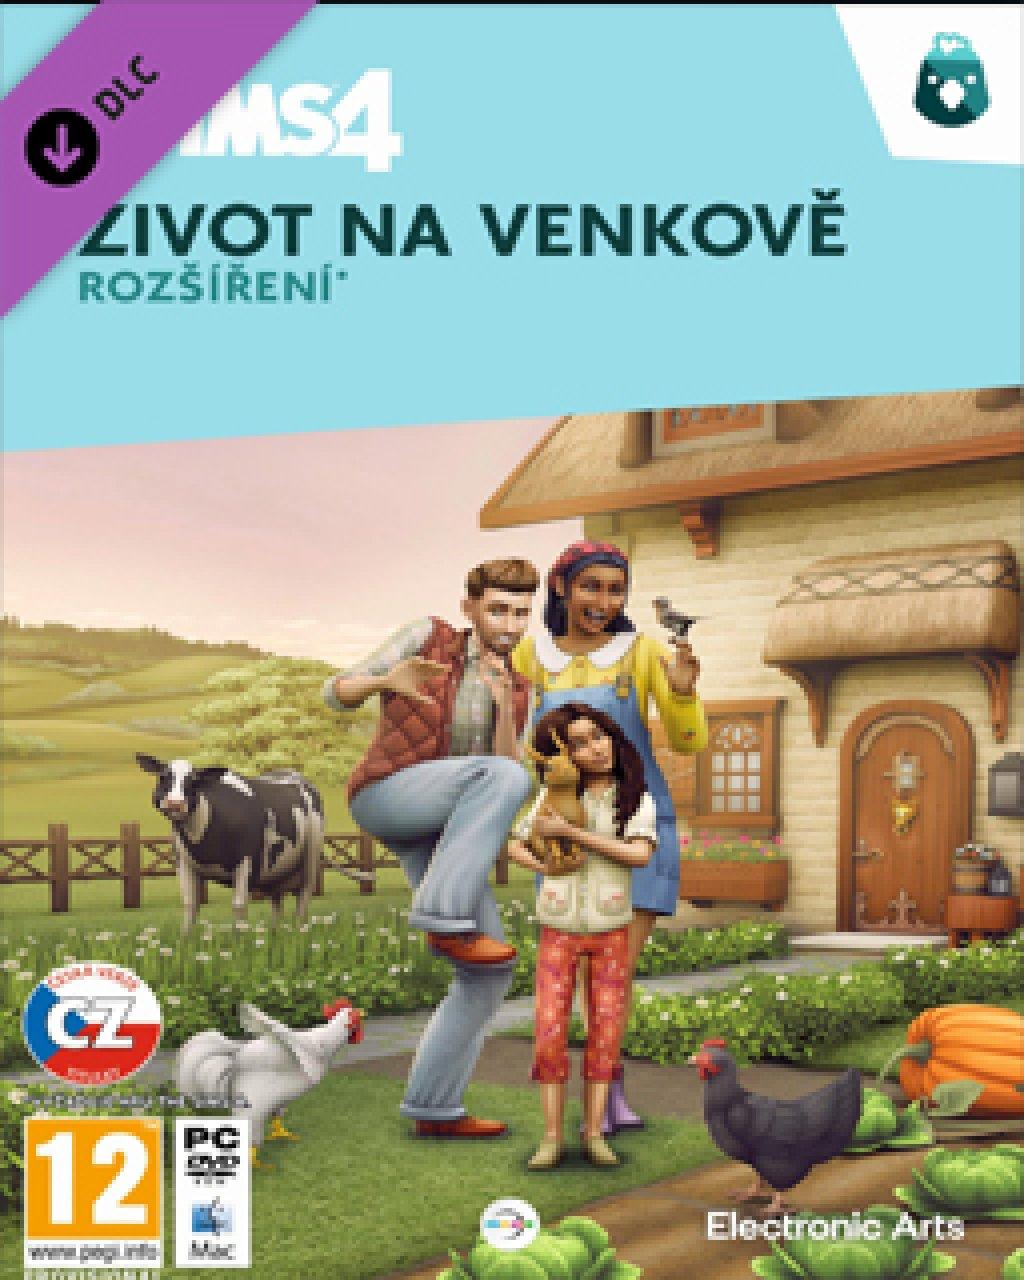 ESD The Sims 4 Život na venkově